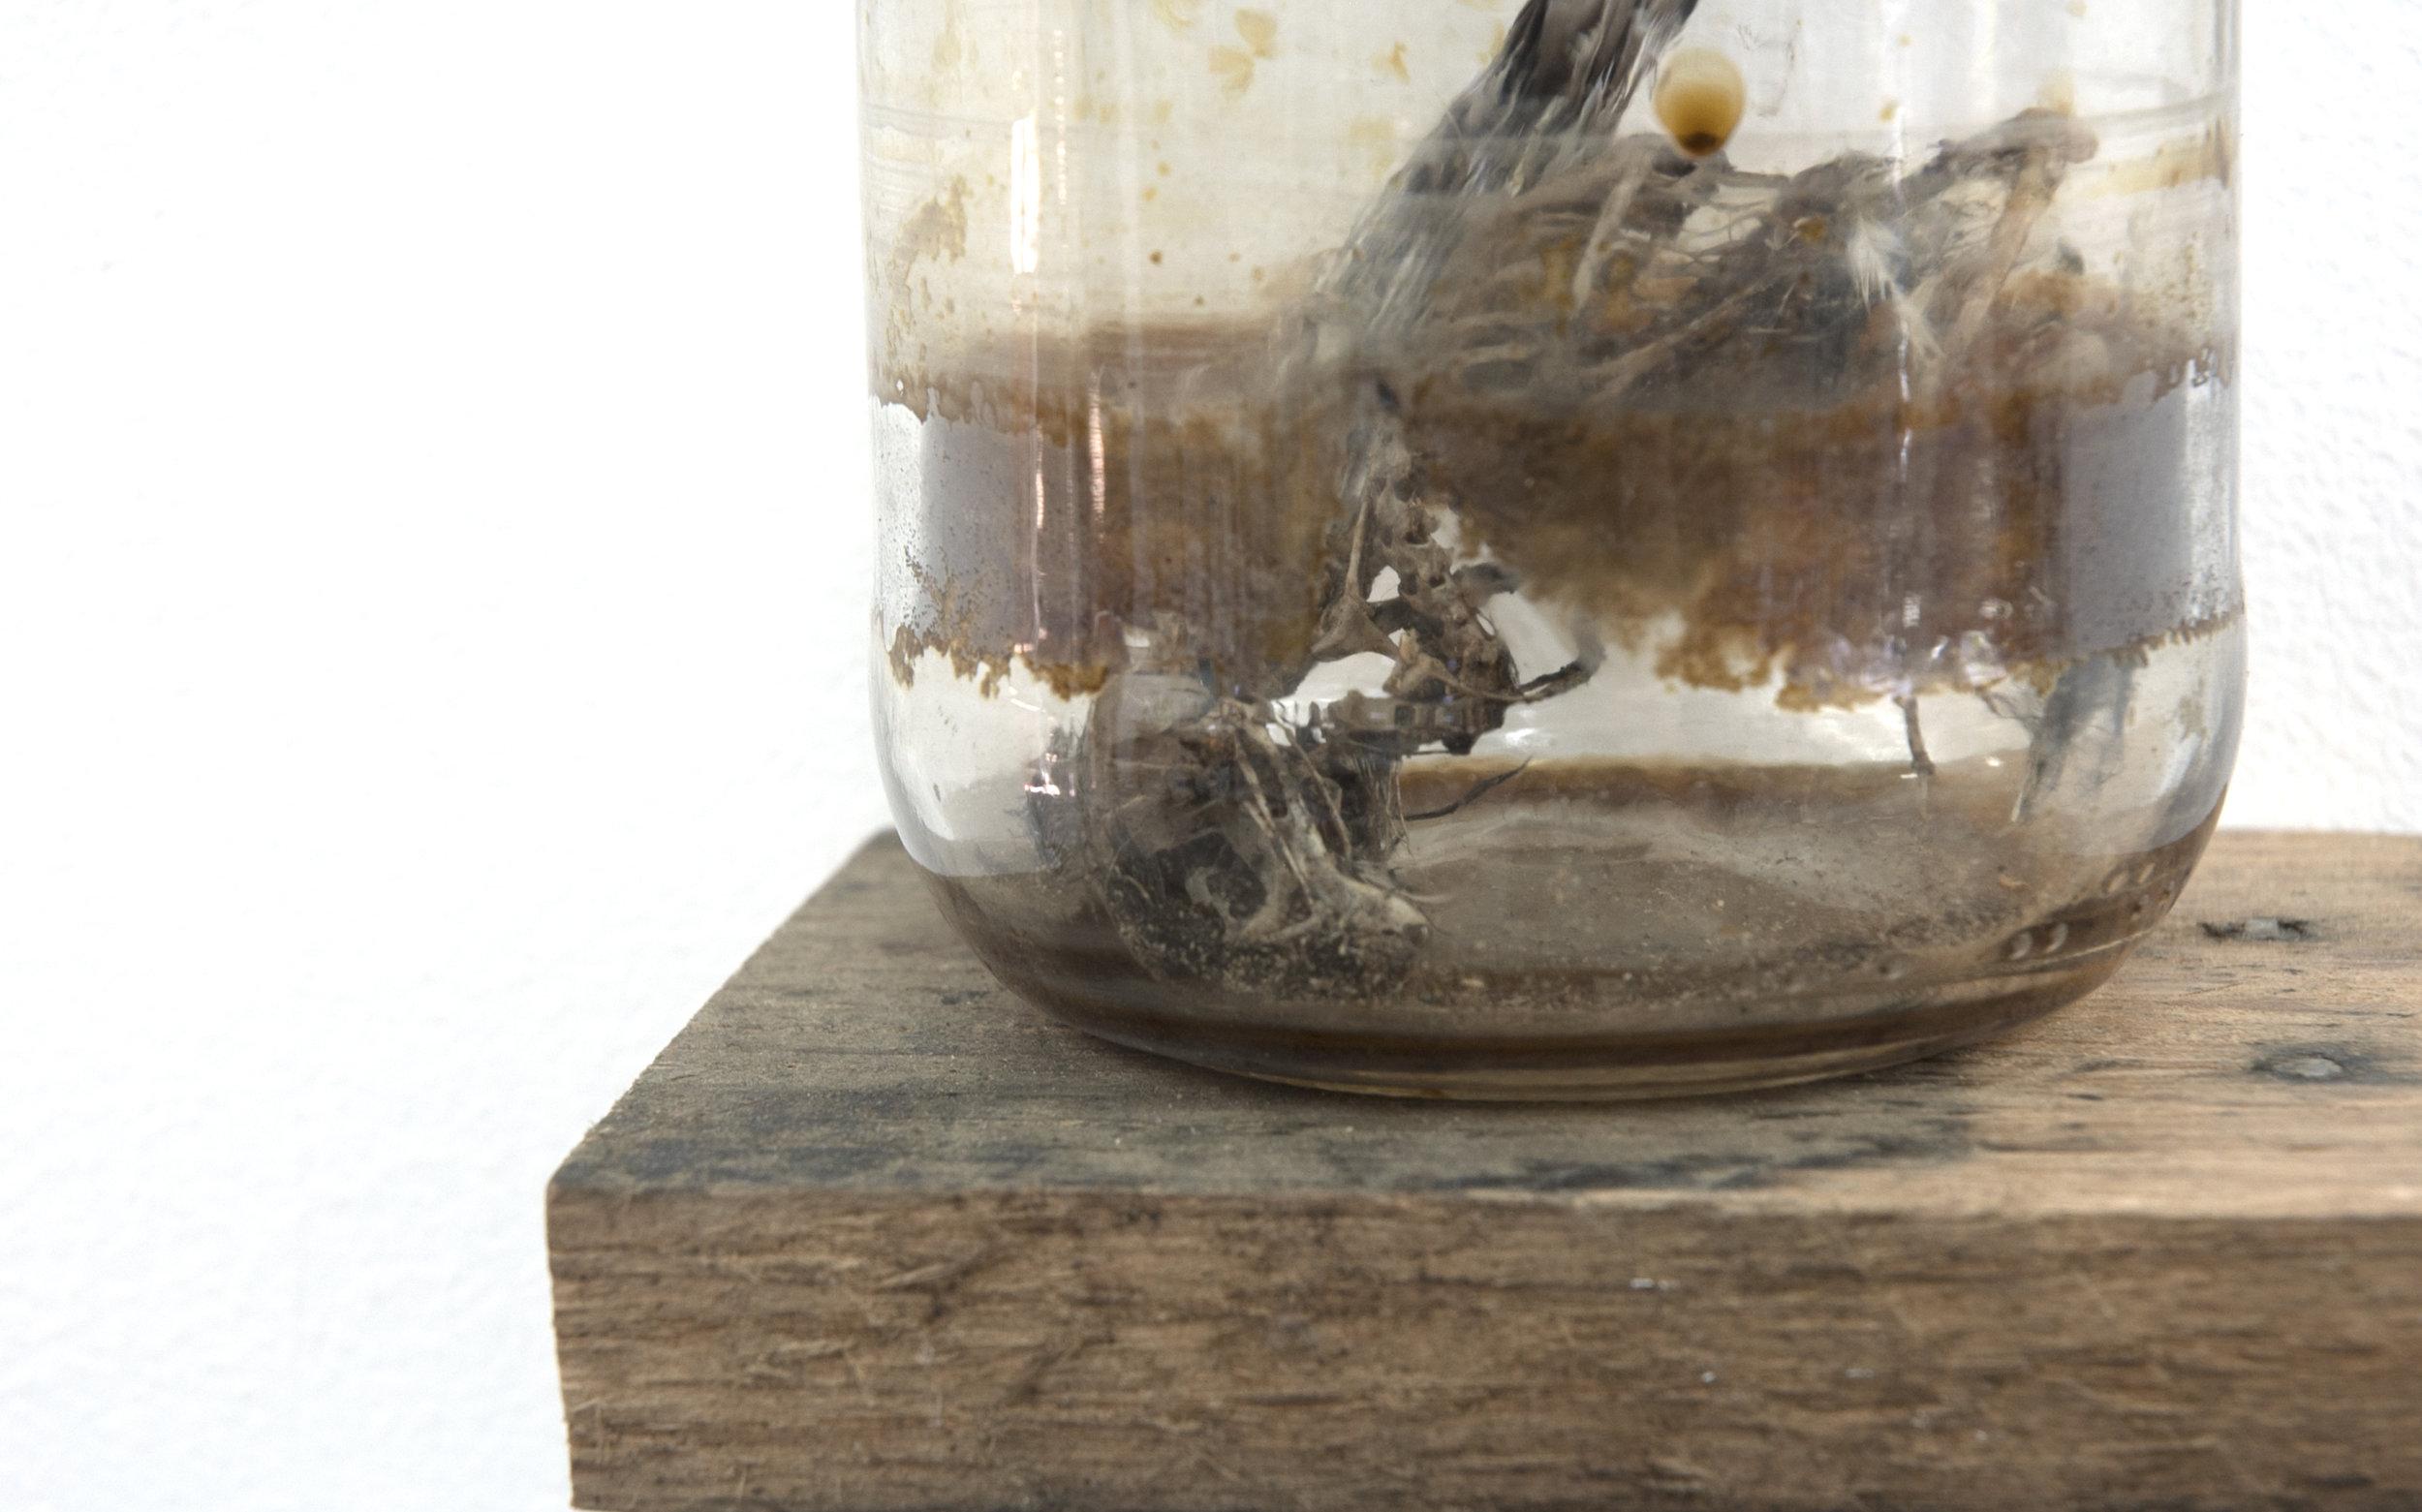 Bird in Jar